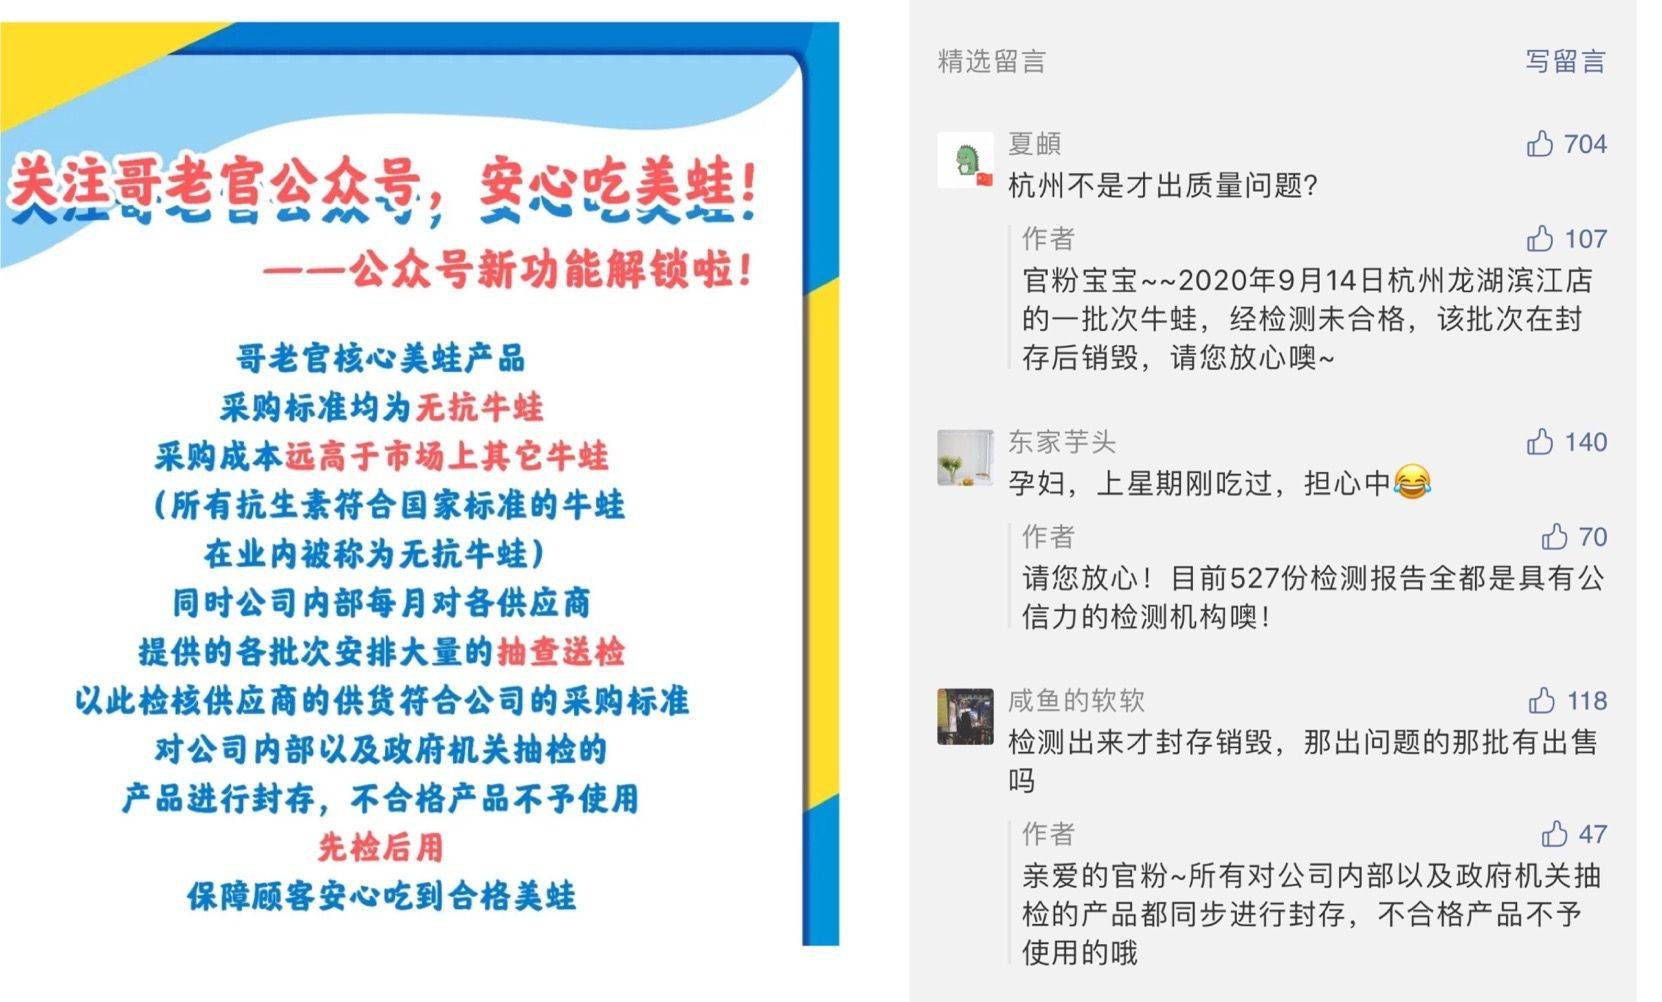 """网红火锅""""哥老官""""一门店牛蛙检出兽药,回应称问题产品已销毁"""